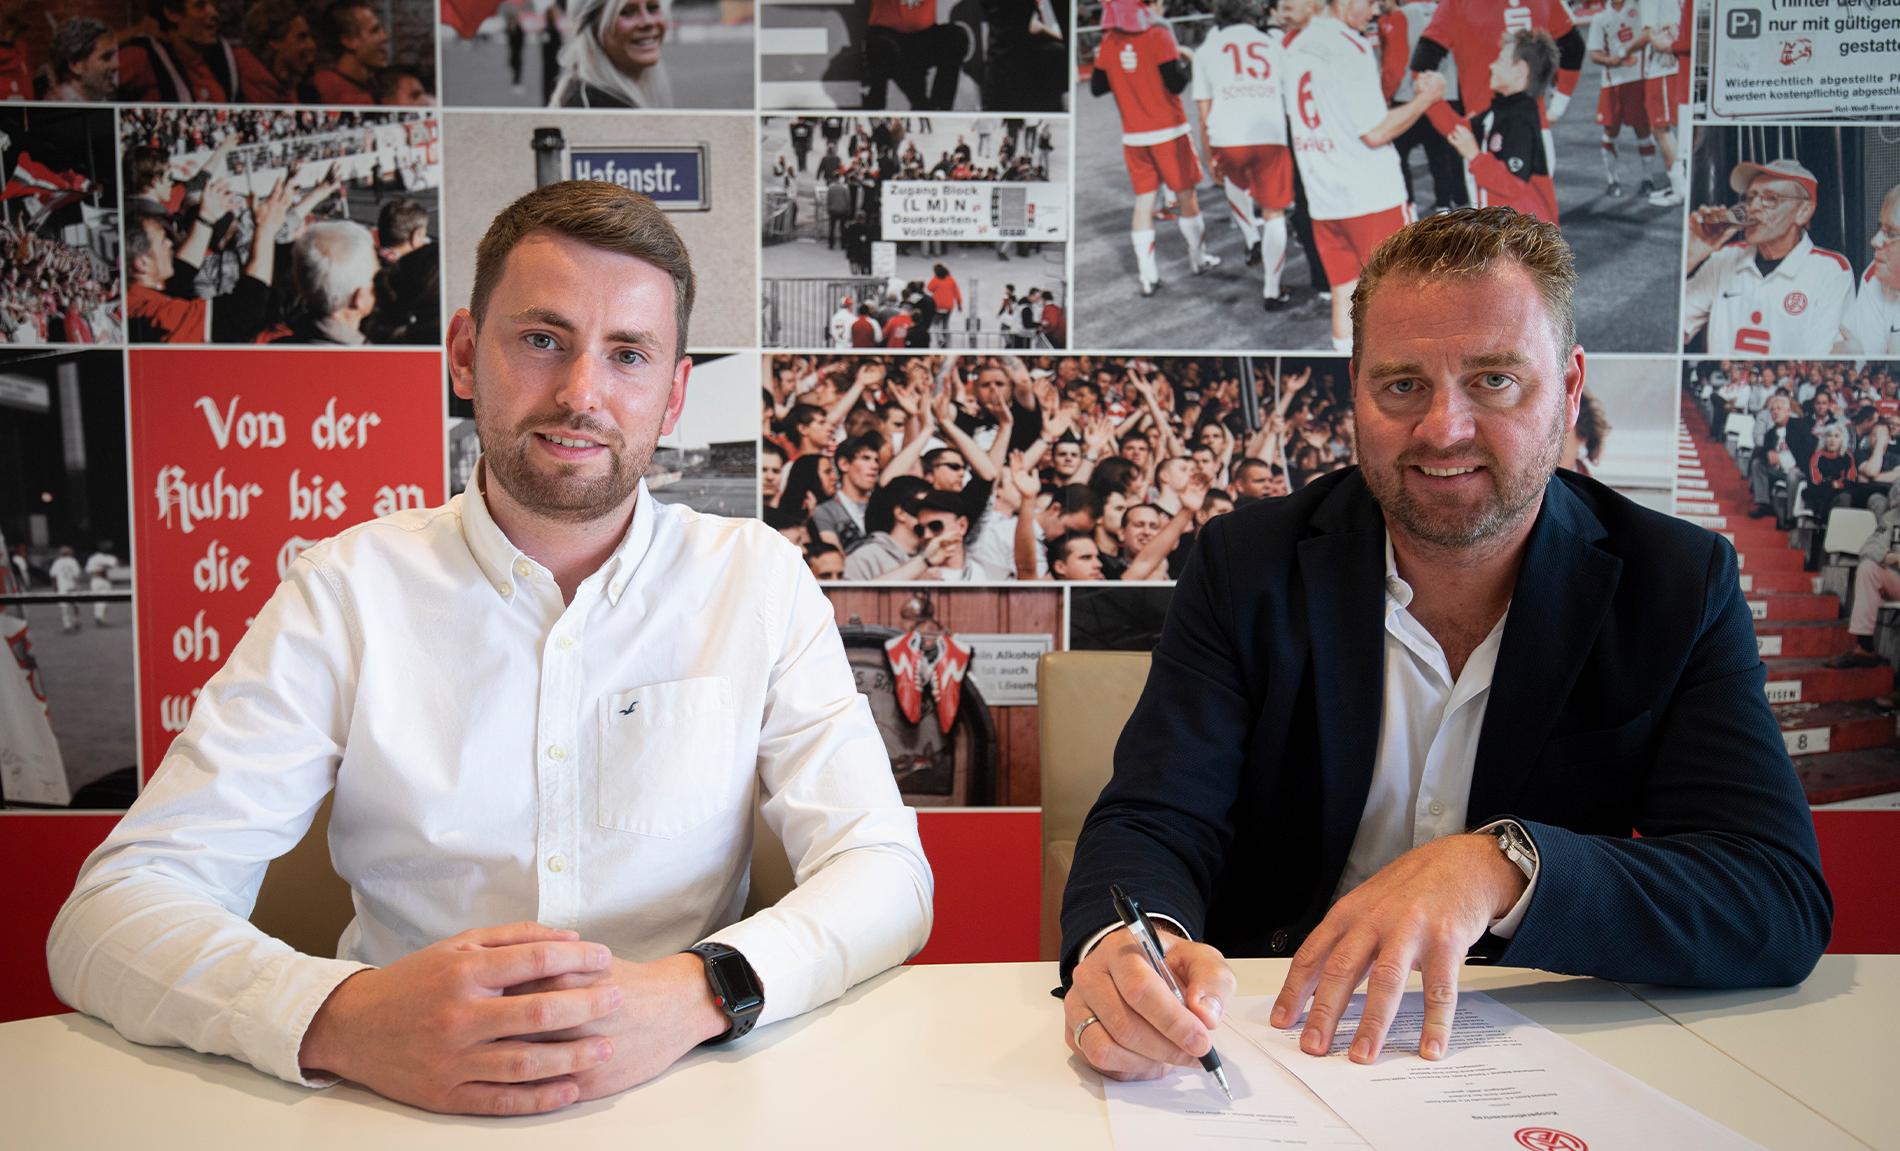 Kooperieren in Zukunft für Rot-Weiss: Vertriebsleiter Daniel Elzer (l.) und Böttcher-und-Partner-Geschäftsführer Sven Böttcher (r.). (Foto: RWE)